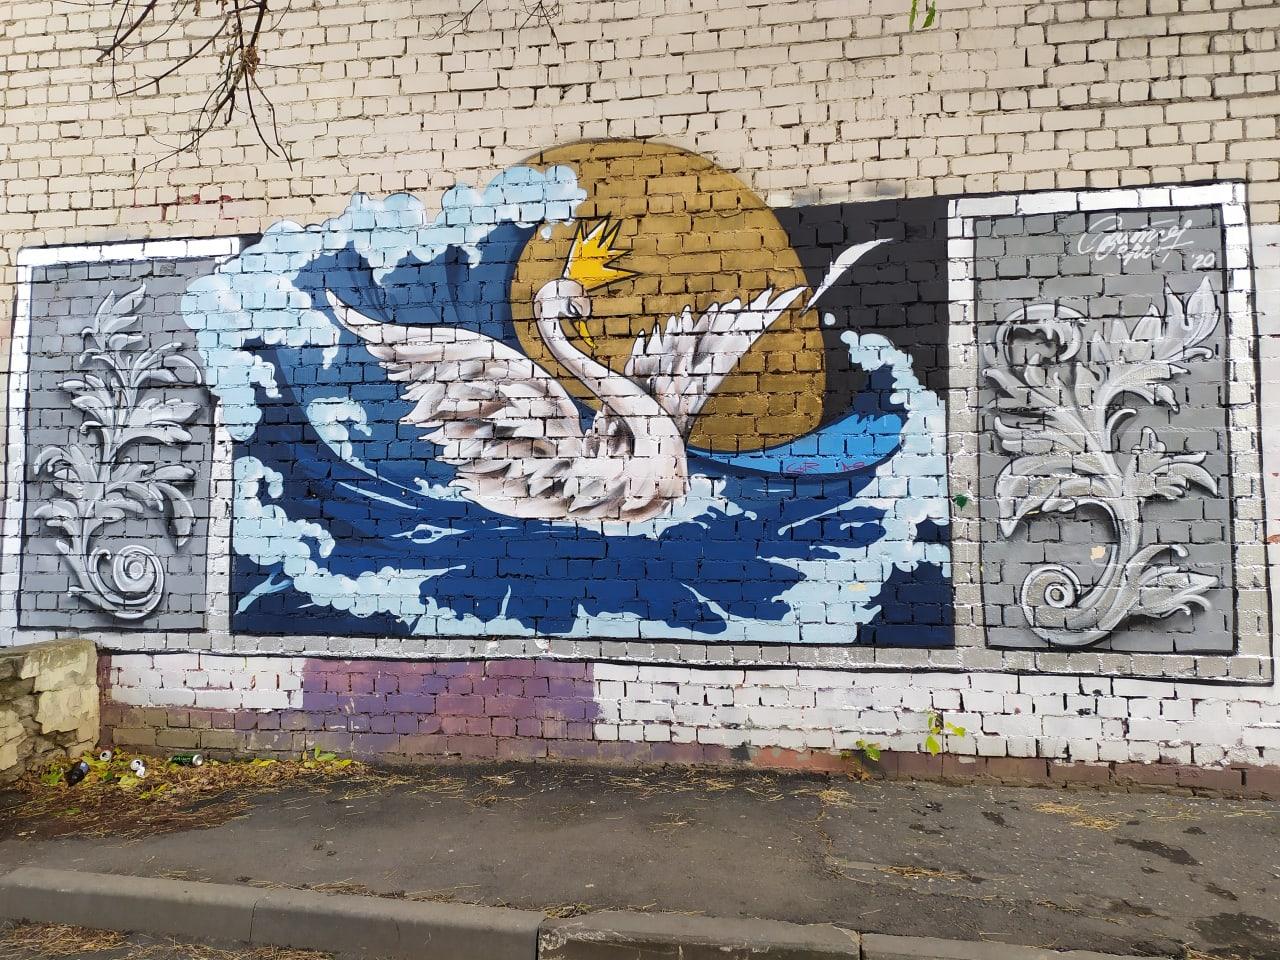 Красота на стенке: как работы тверских художников стрит-арта вписаны в городской пейзаж